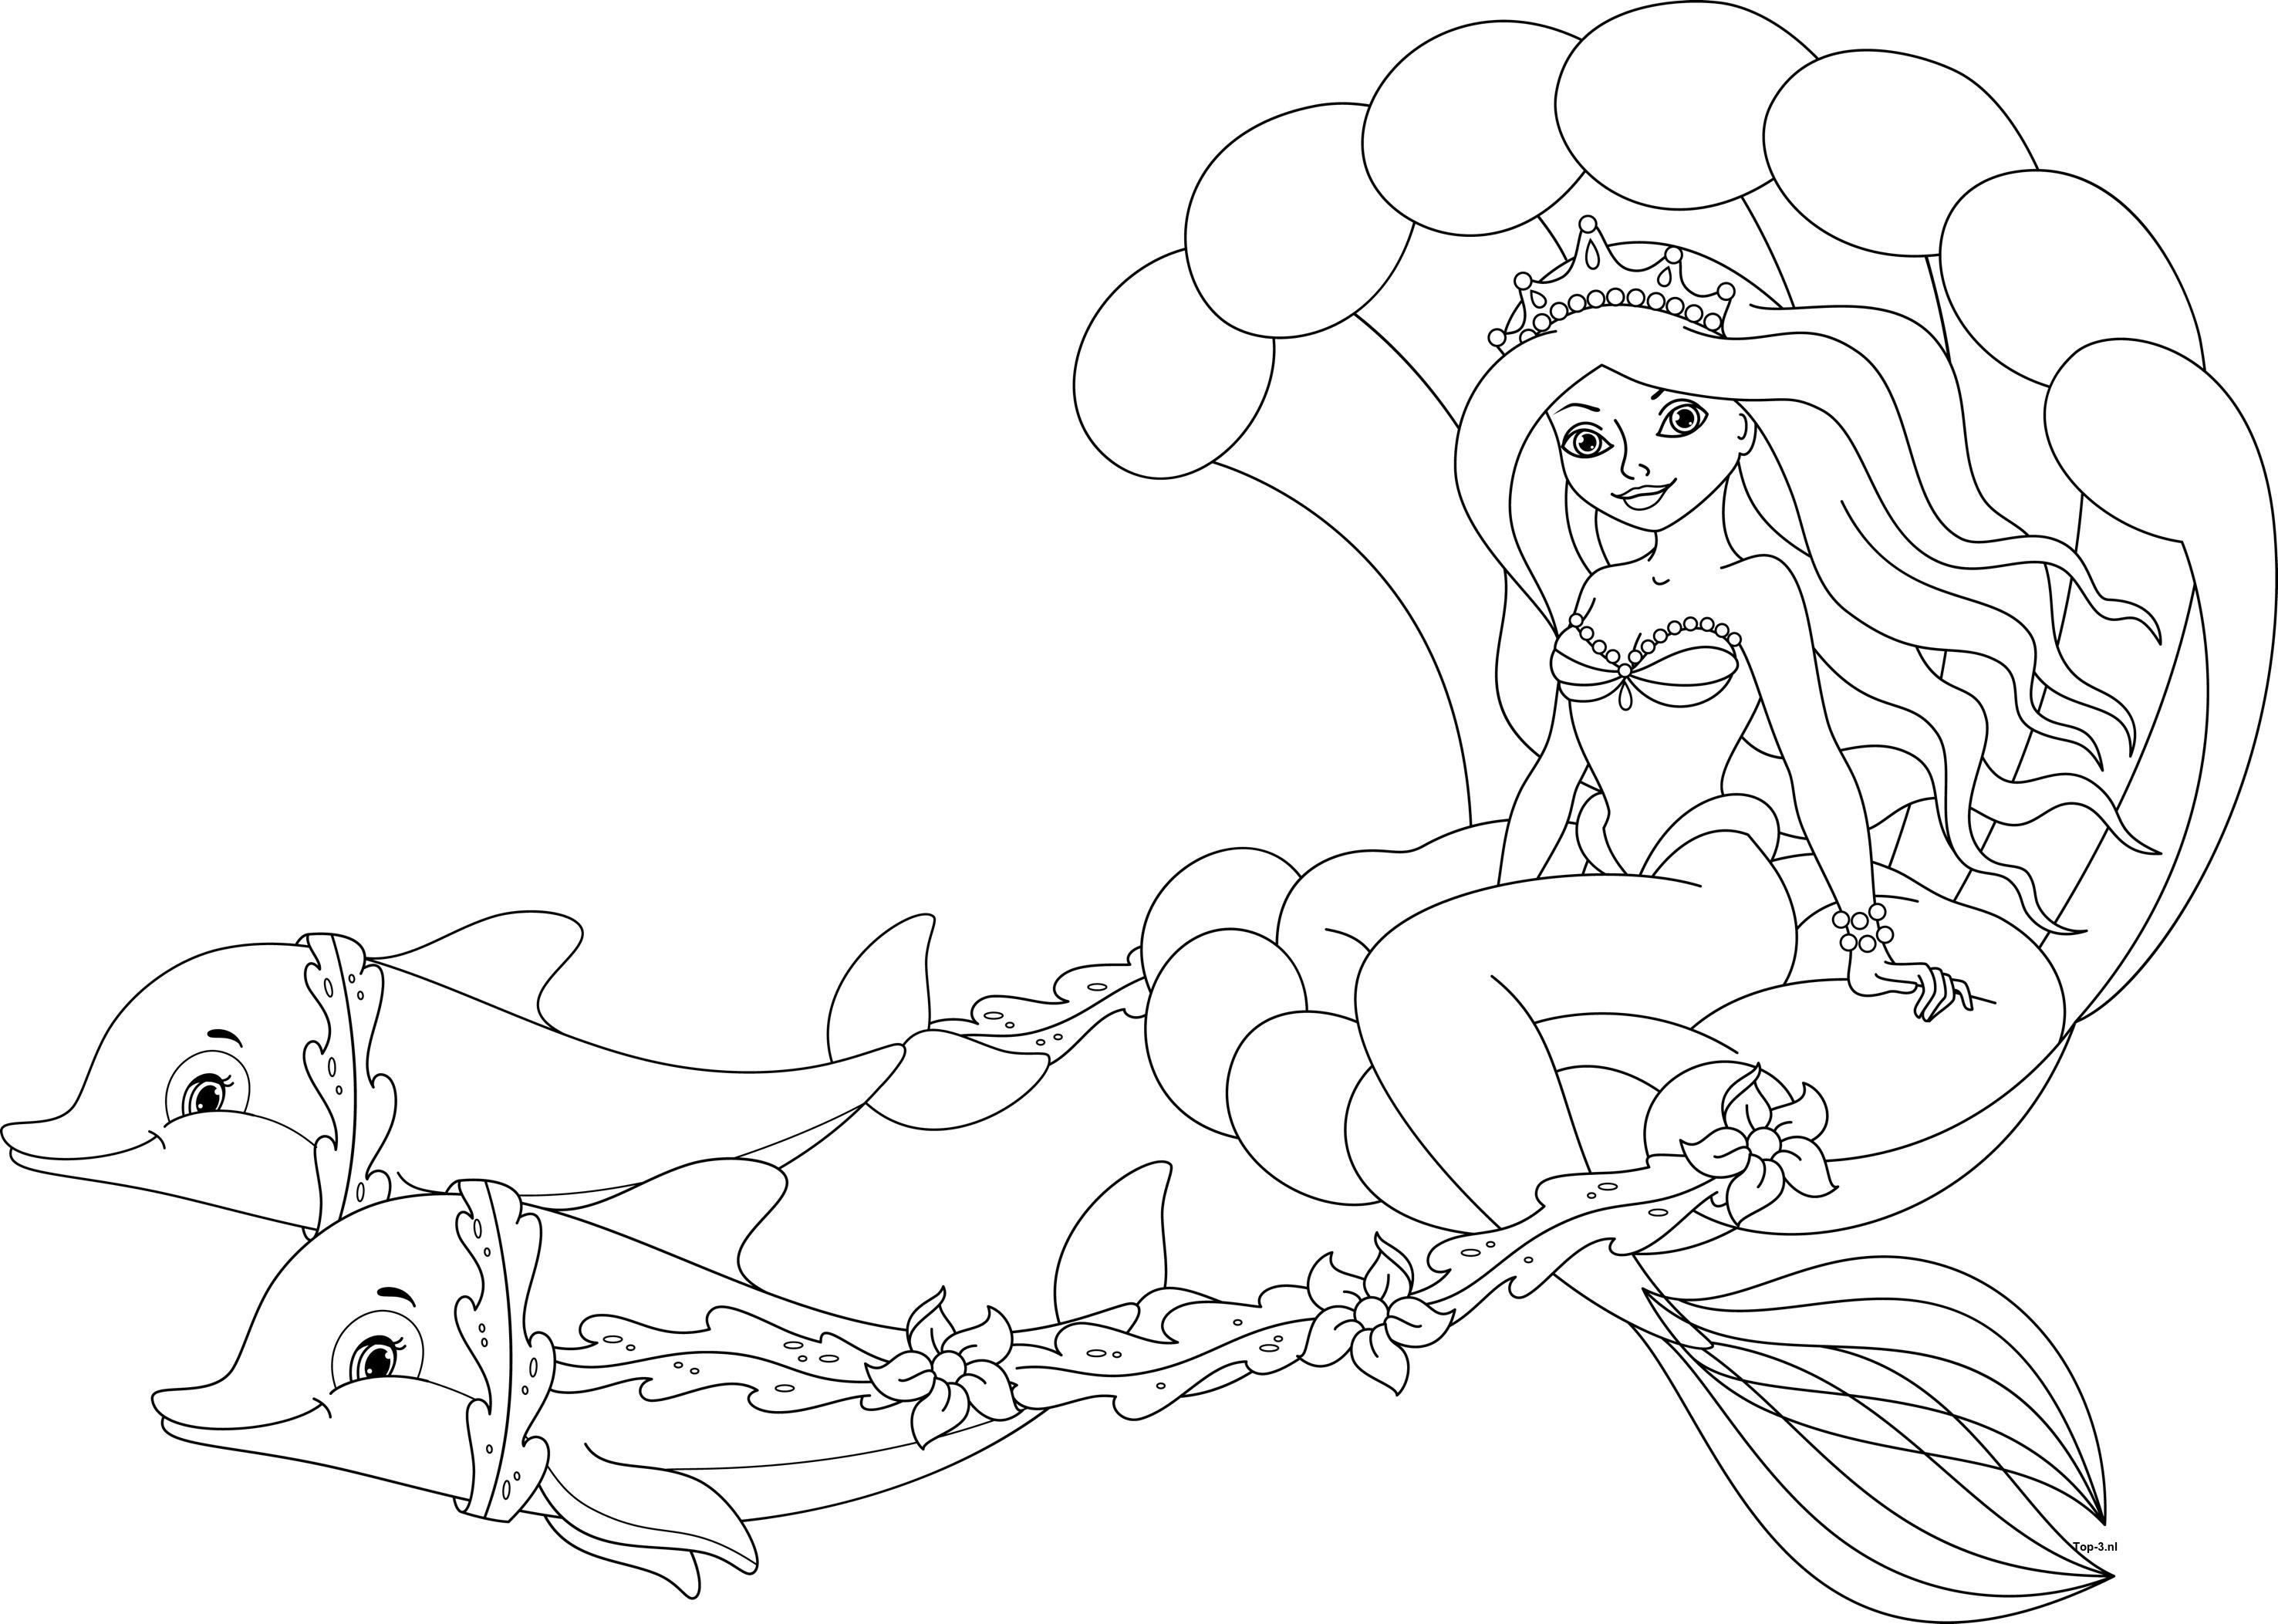 Kleurplaten Van Een Zeemeermin.Kleurplaten Prinses Sprookjes Zeemeermin Top 3 Kado En Feesttips